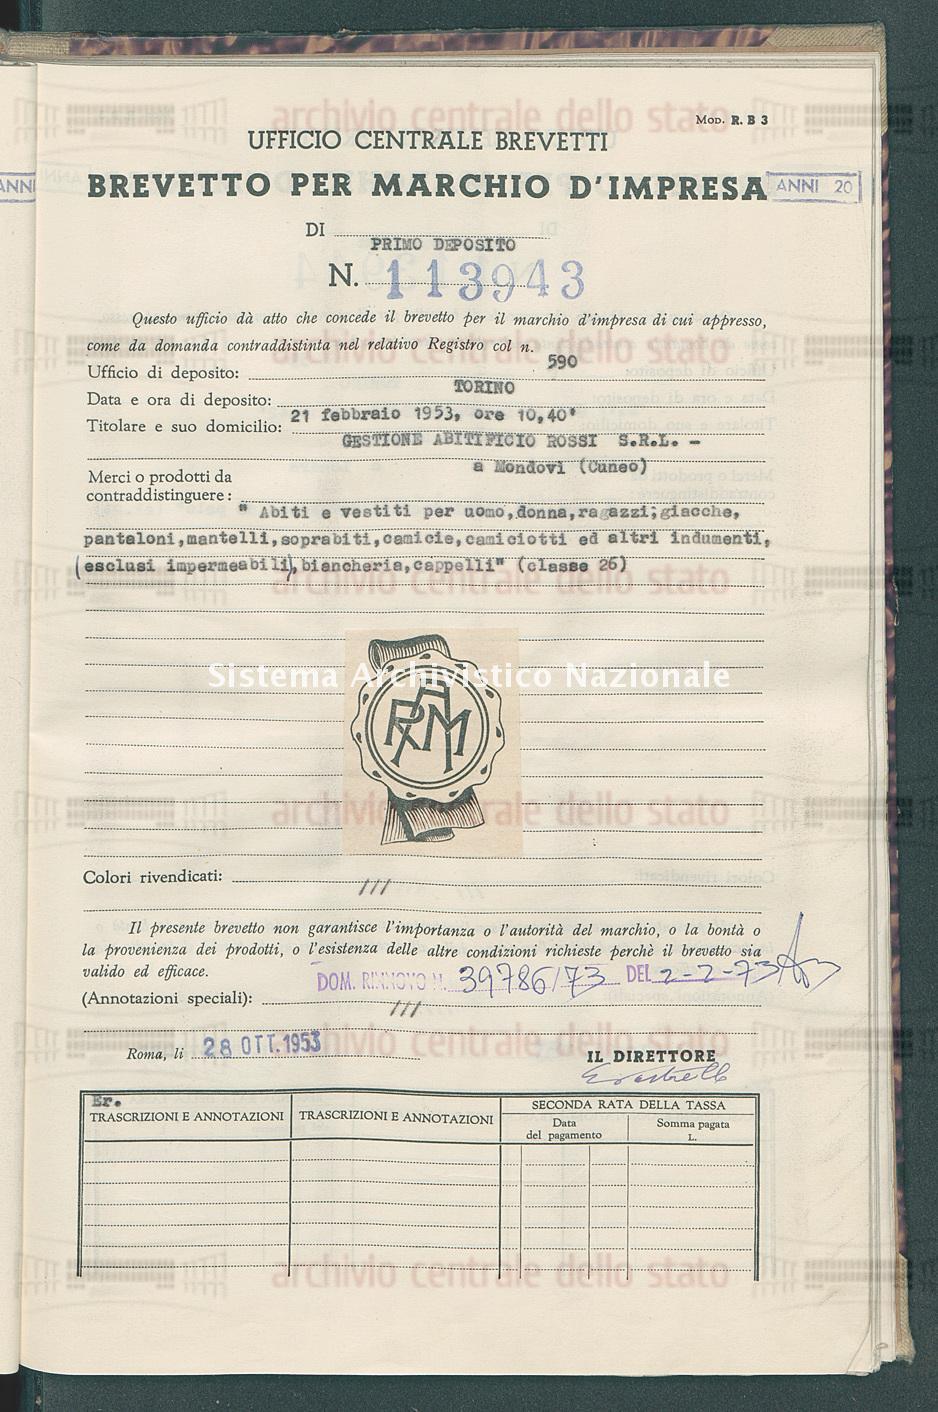 'Abiti e vestiti per uomo, donna, ragazzi, giacche, pantaloni, mantell Gestione Abitificio Rossi S.R.L. (28/10/1953)